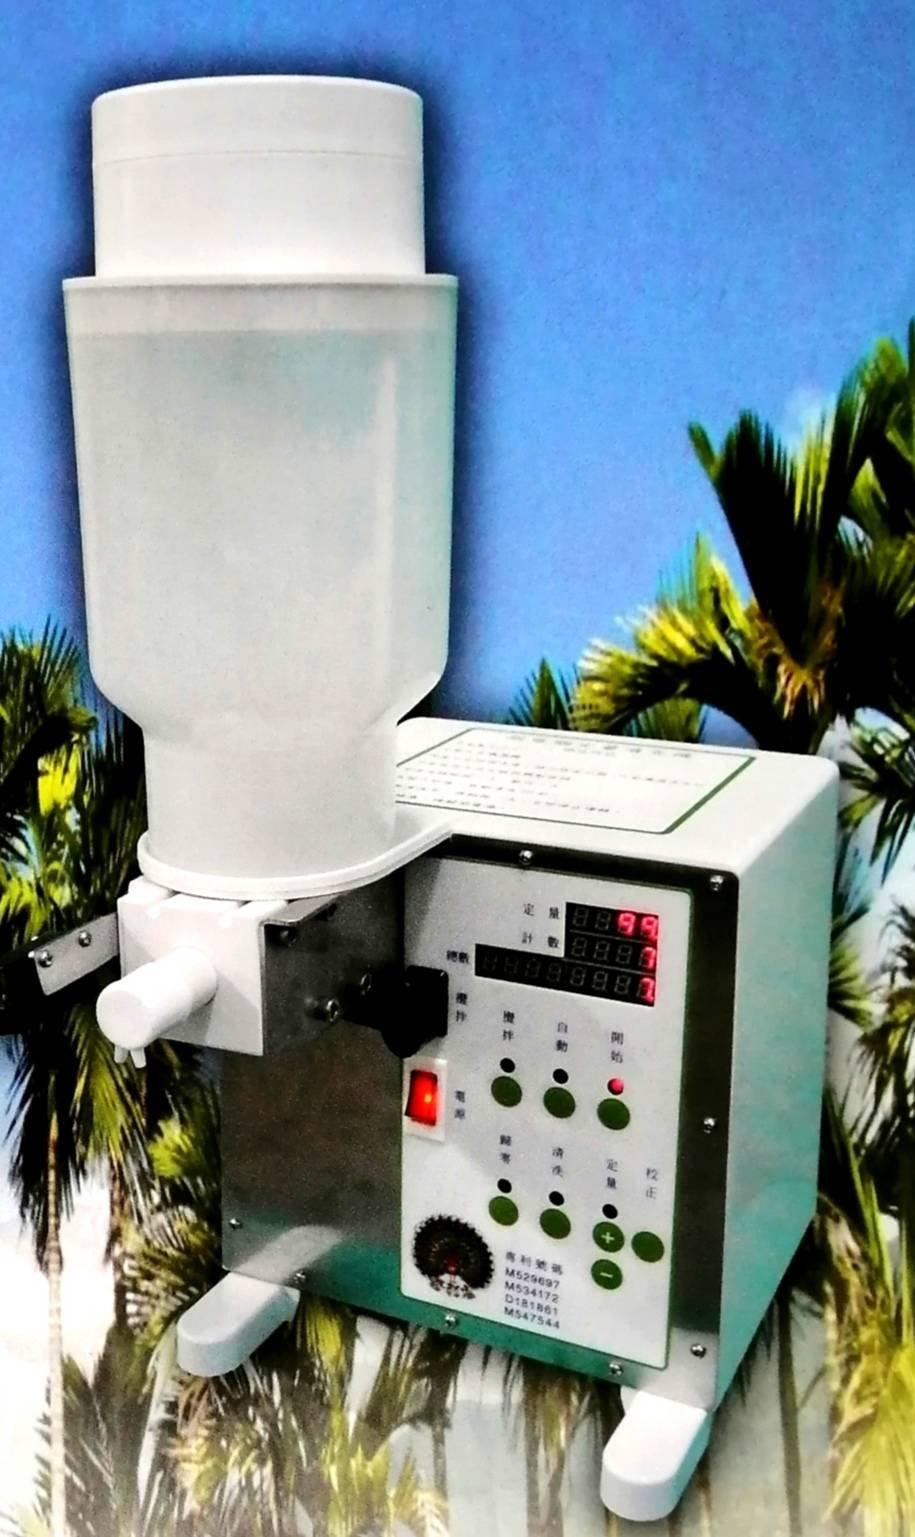 [吾彩雀] 微電腦白灰定量噴灰機 全自動攪拌 噴灰機 檳榔白灰機 自動計數 好保養好用 全台寄送 高雄 屏東 [薄灰機]